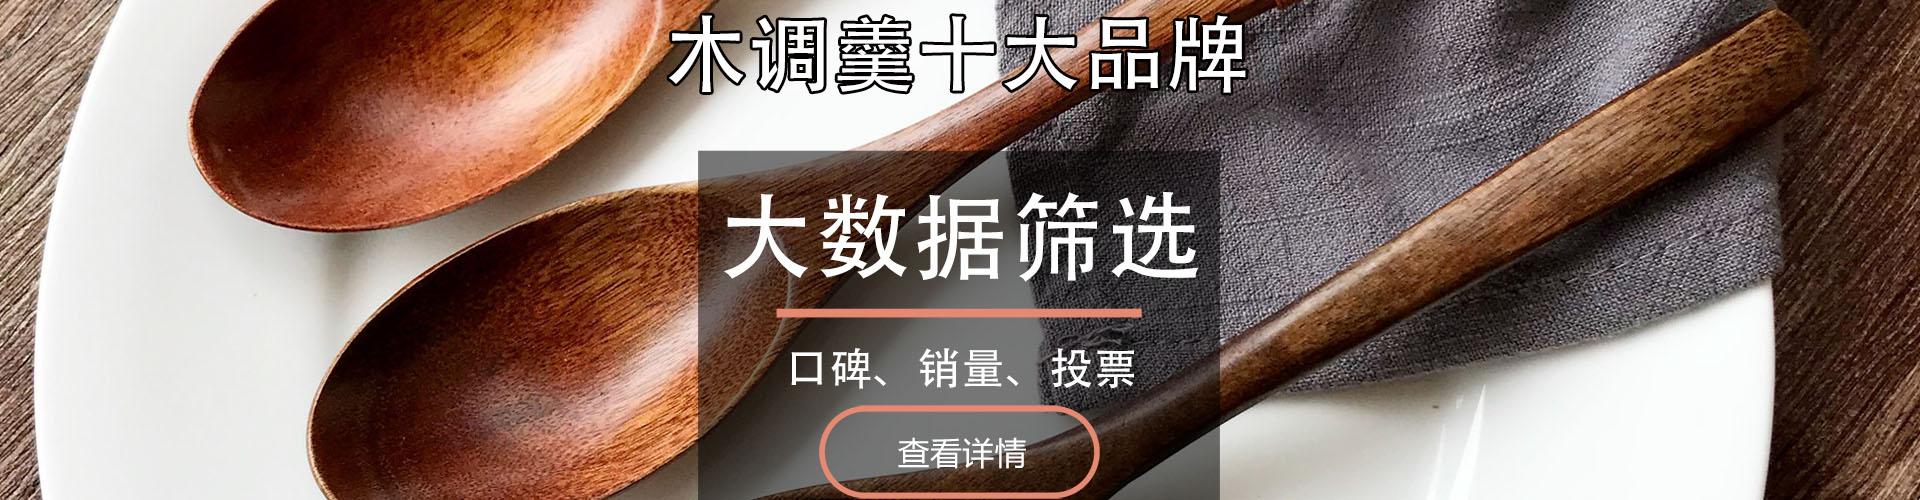 木调羹十大品牌排行榜